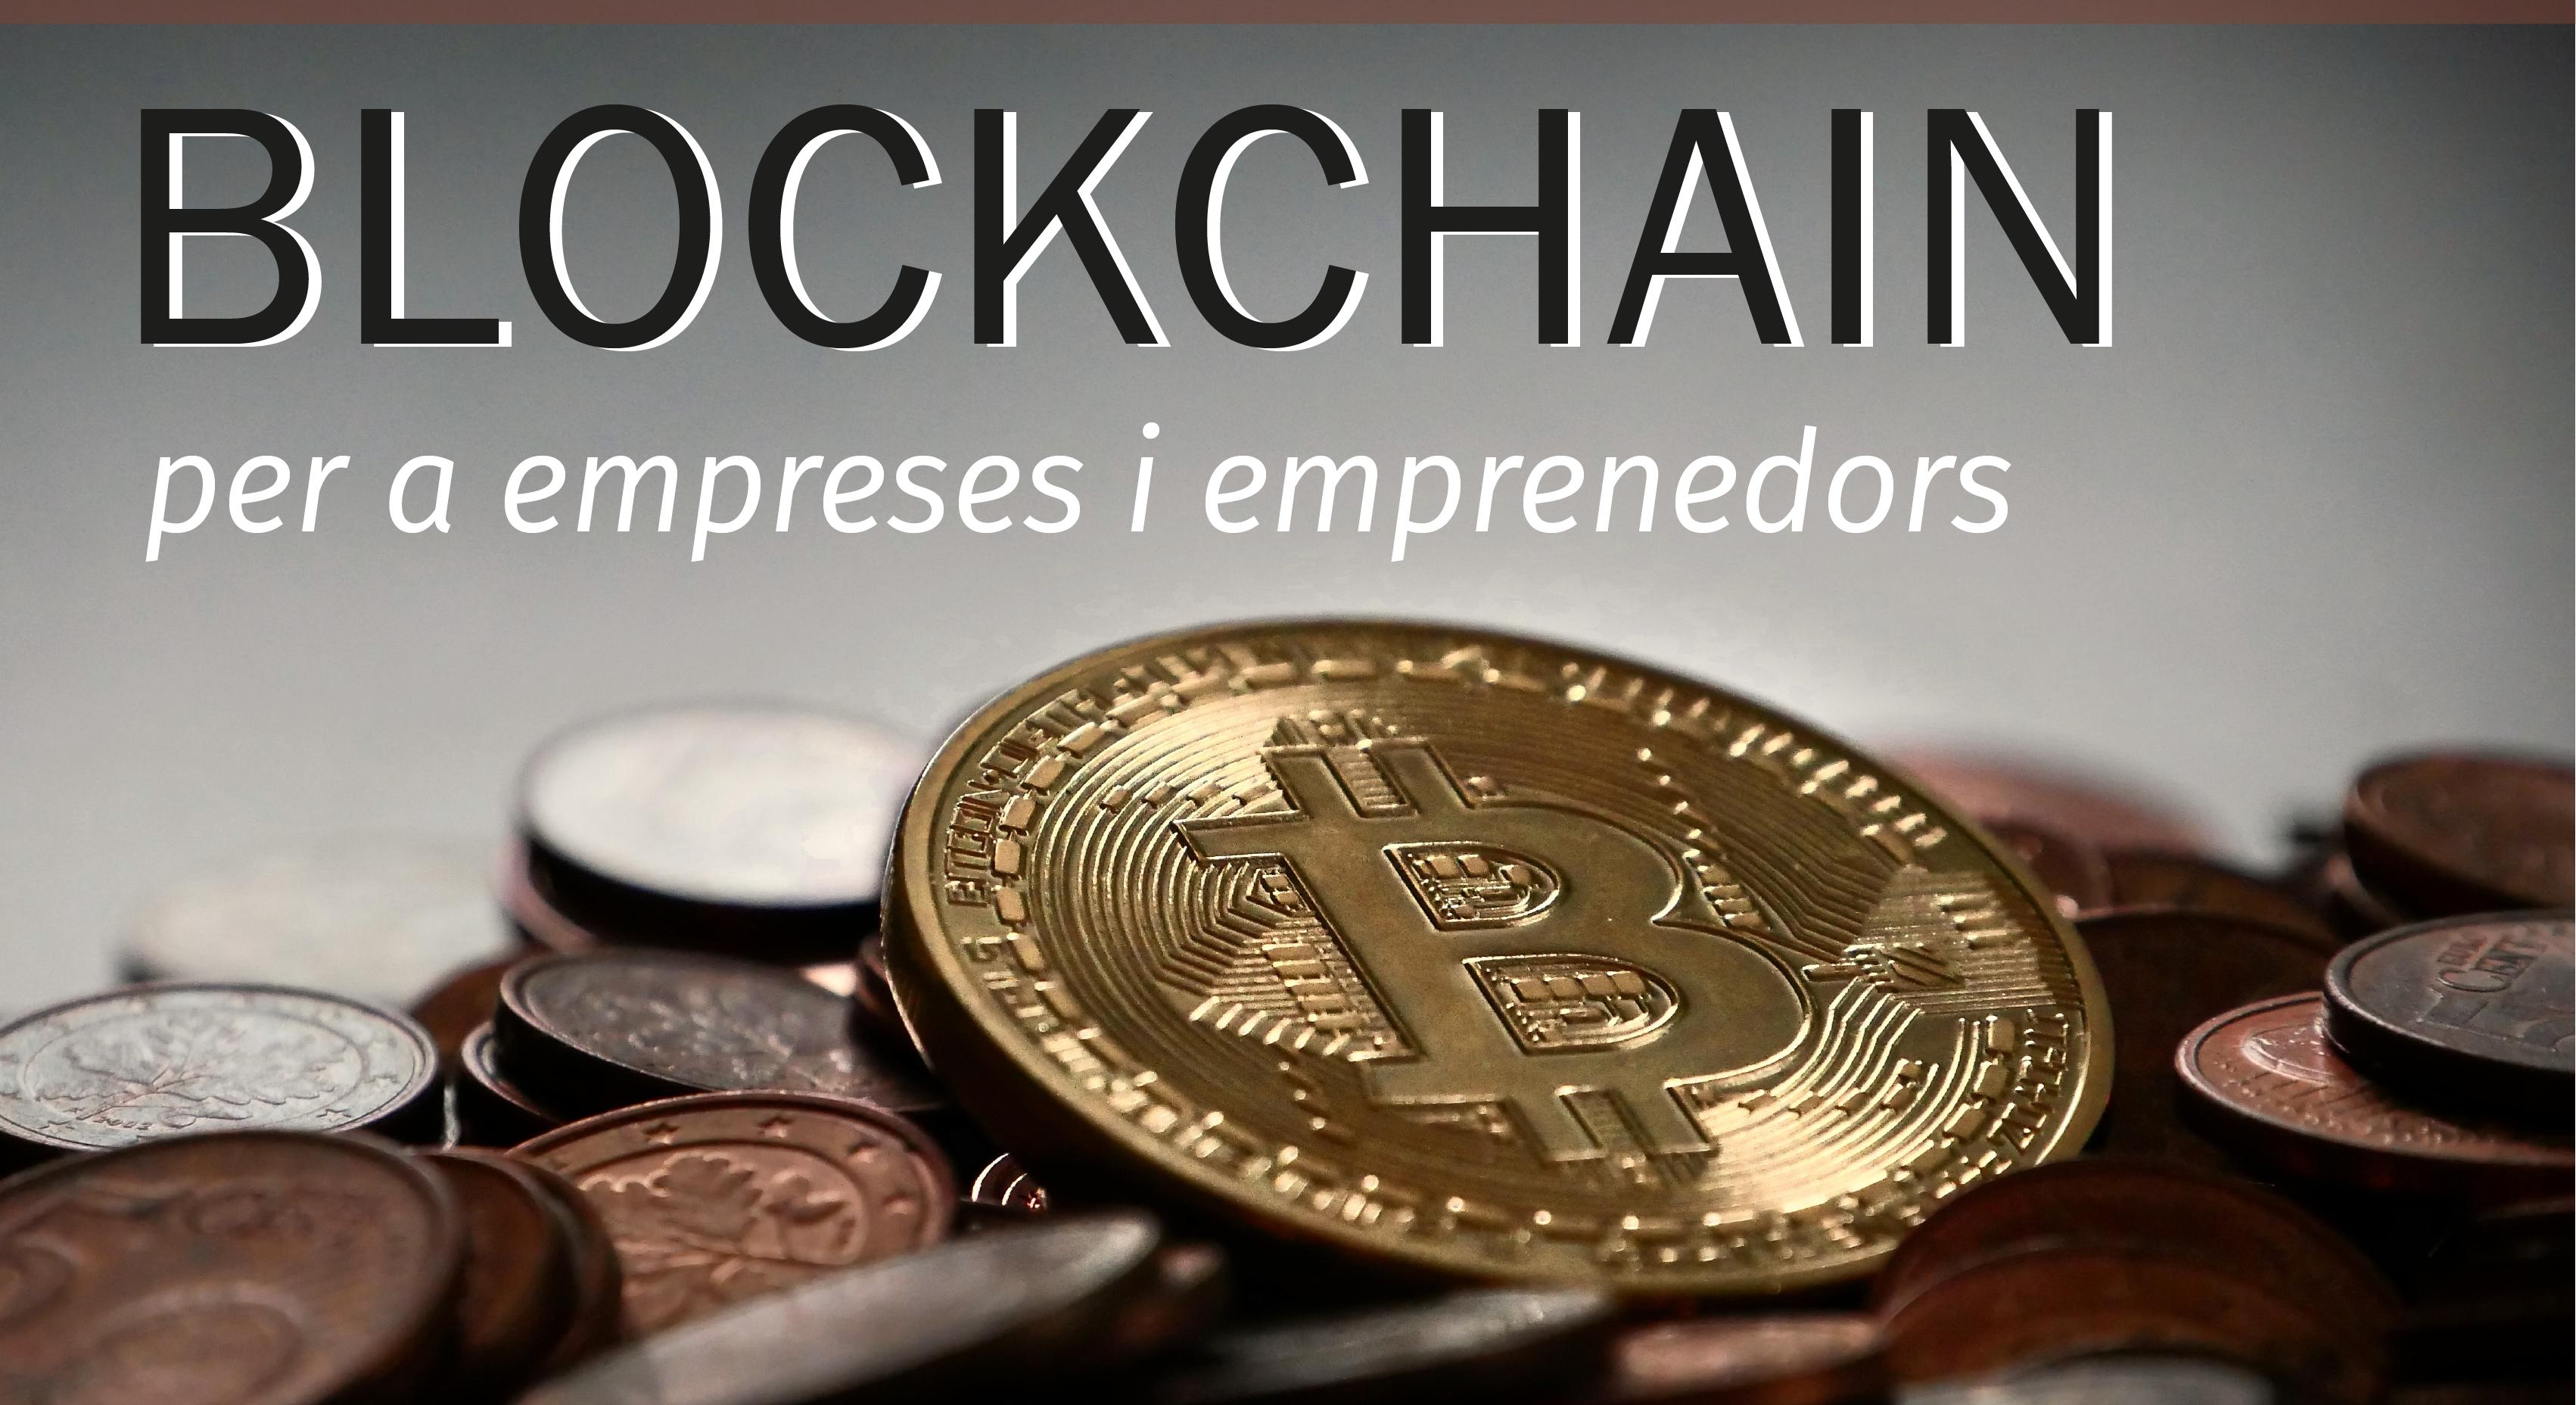 Inscriu-te Al Curs Obert De Blockchain Del Citilab Per A Empreses I Emprenedors. Aquest Proper Mes De Maig, No Te'l Perdis!